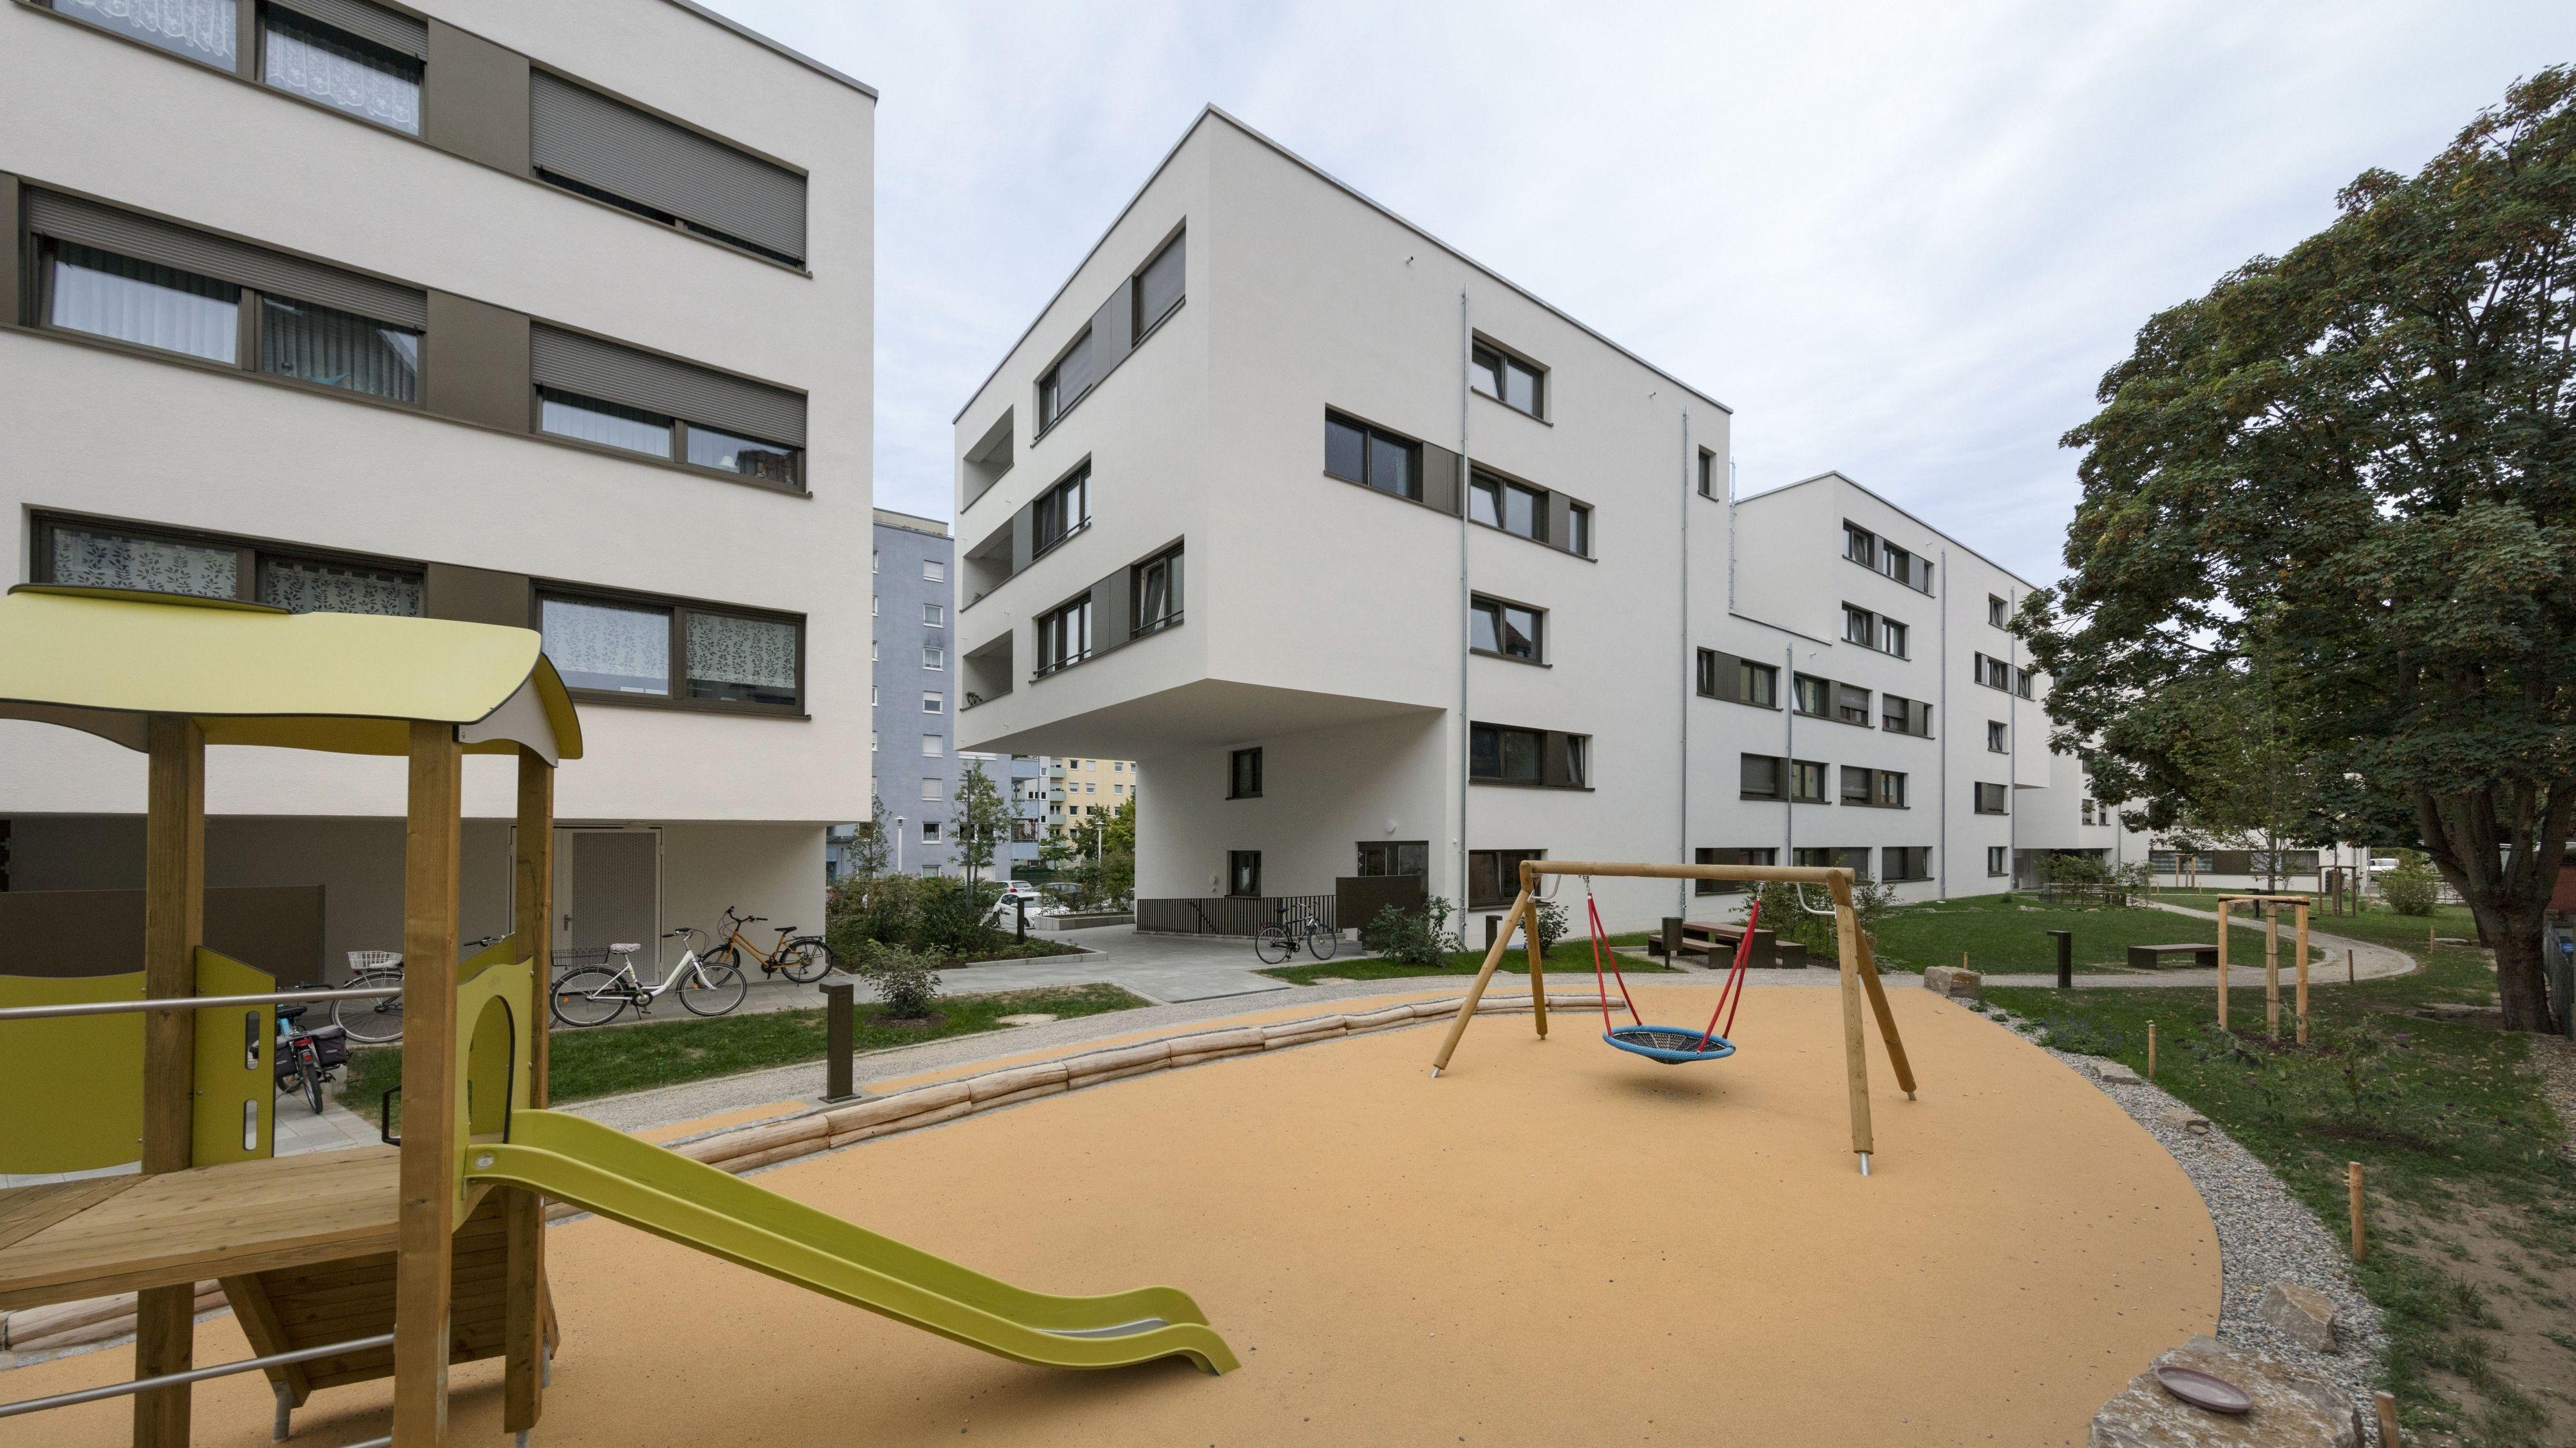 Neue Wohnanlage des St. Bruno-Werks im Würzburger Stadtteil Sanderau